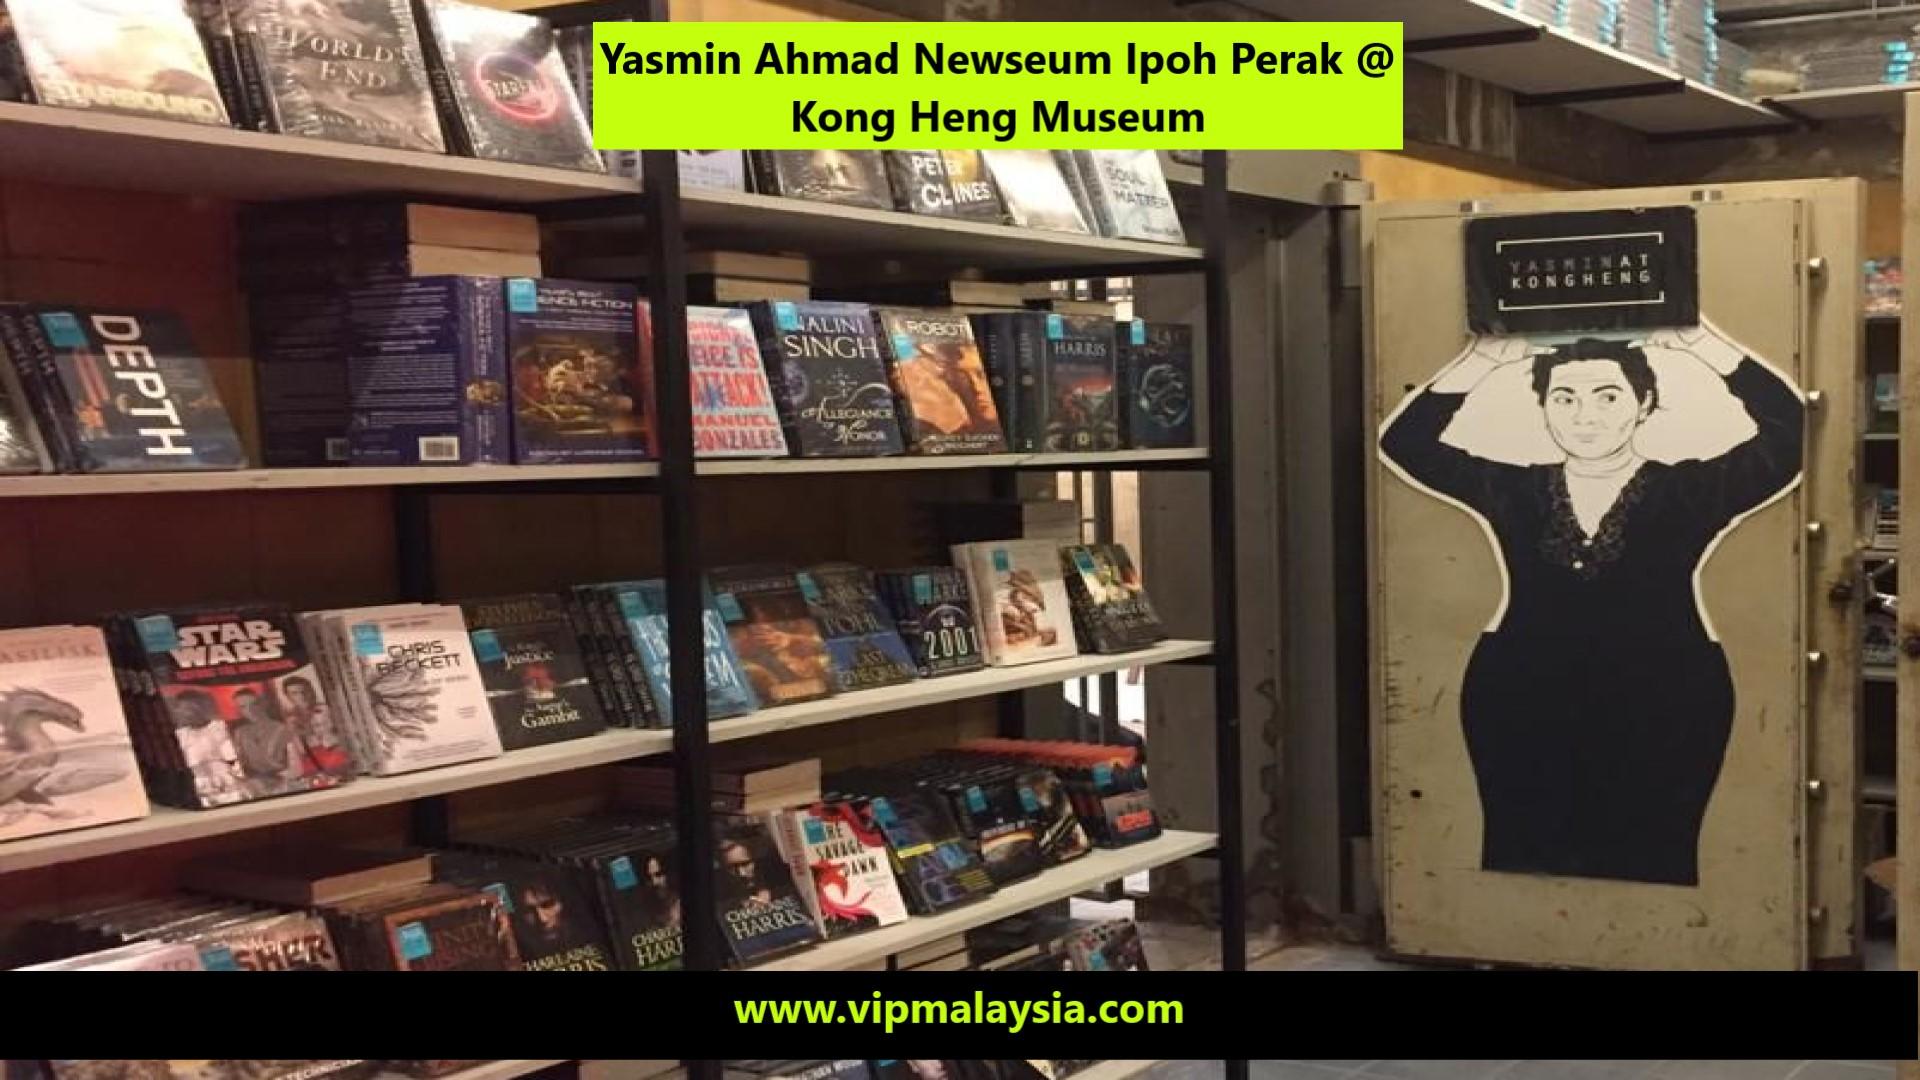 Yasmin Ahmad Newseum Kong Heng Museum Ipoh Perak Malaysia